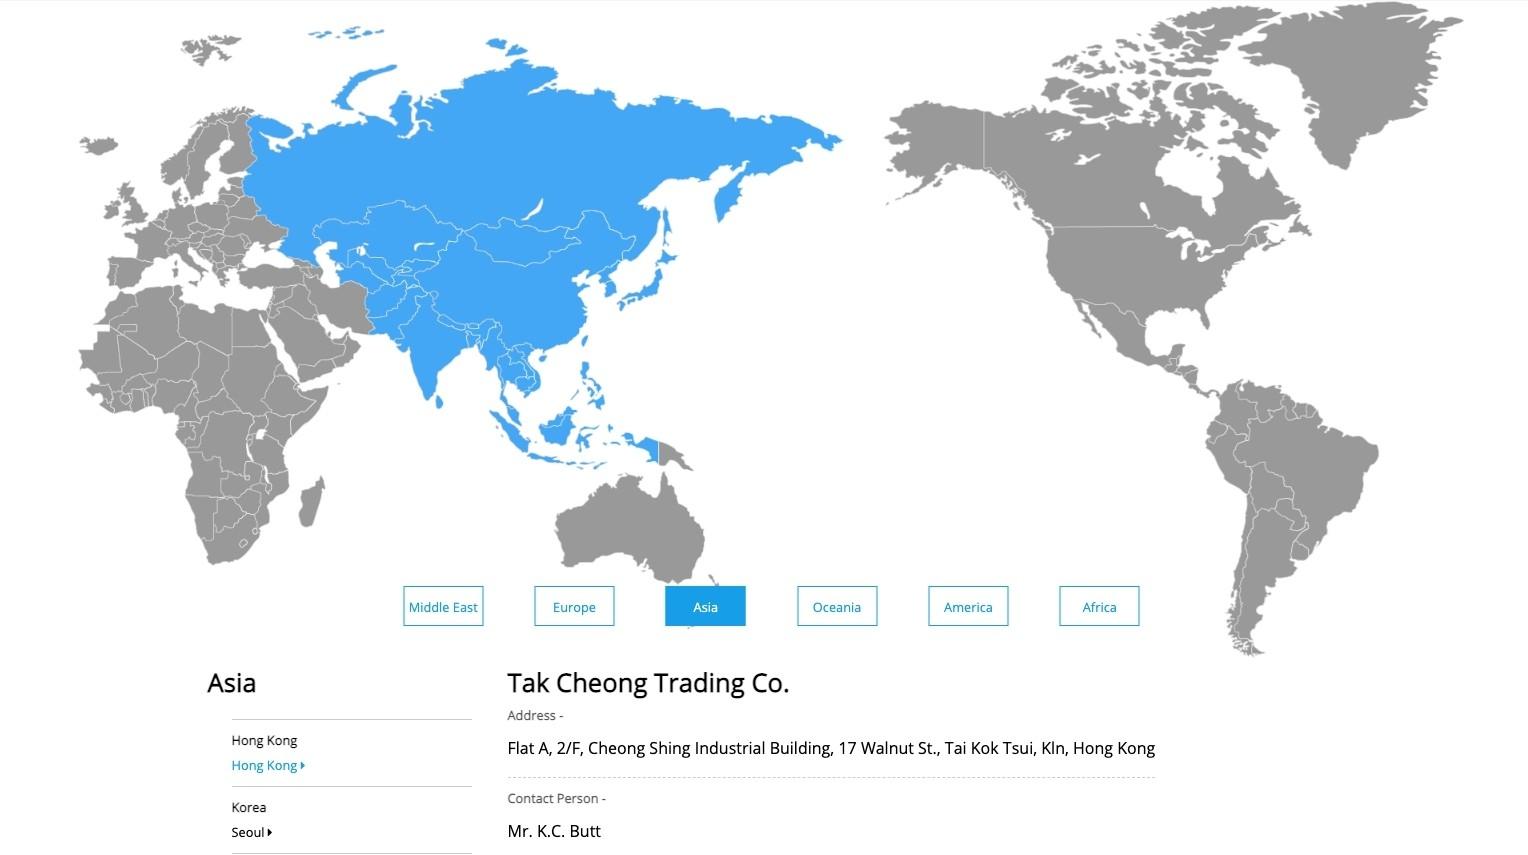 台中SEO網頁設計成功案例-跨境經銷商列表|協正金屬3keego專業級鑽孔刀具製造廠